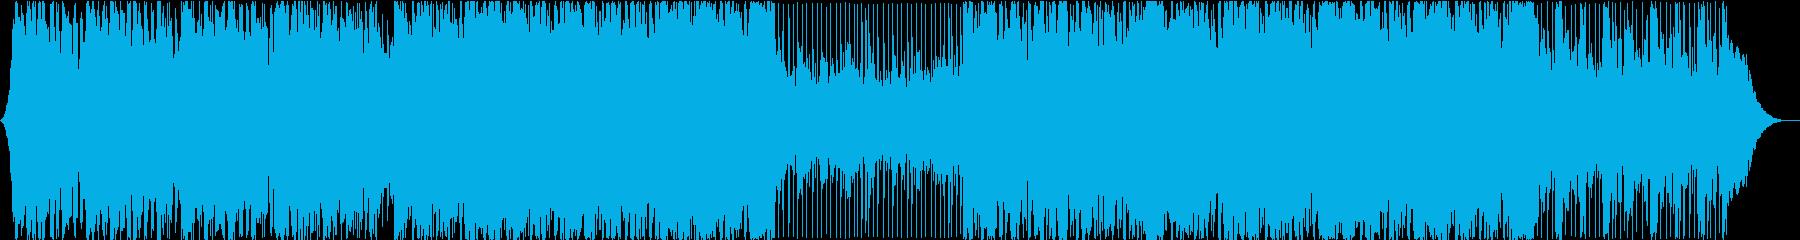 前向き、明るいコーポレート系の再生済みの波形